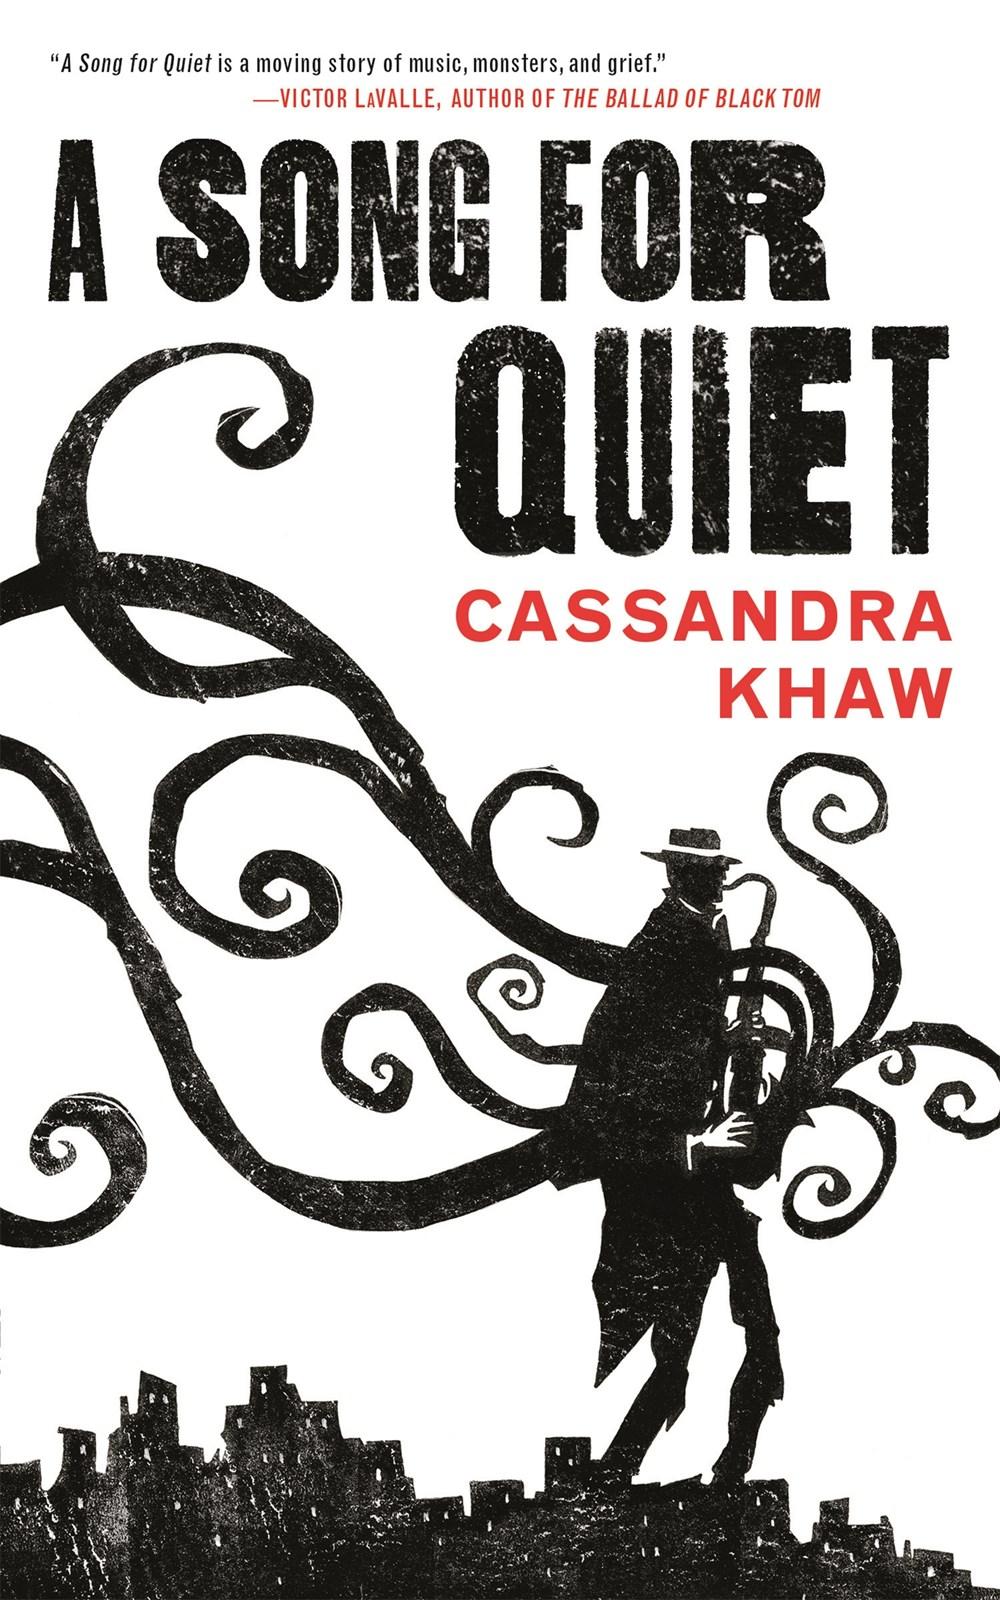 A Song for Quiet Cassandra Khaw